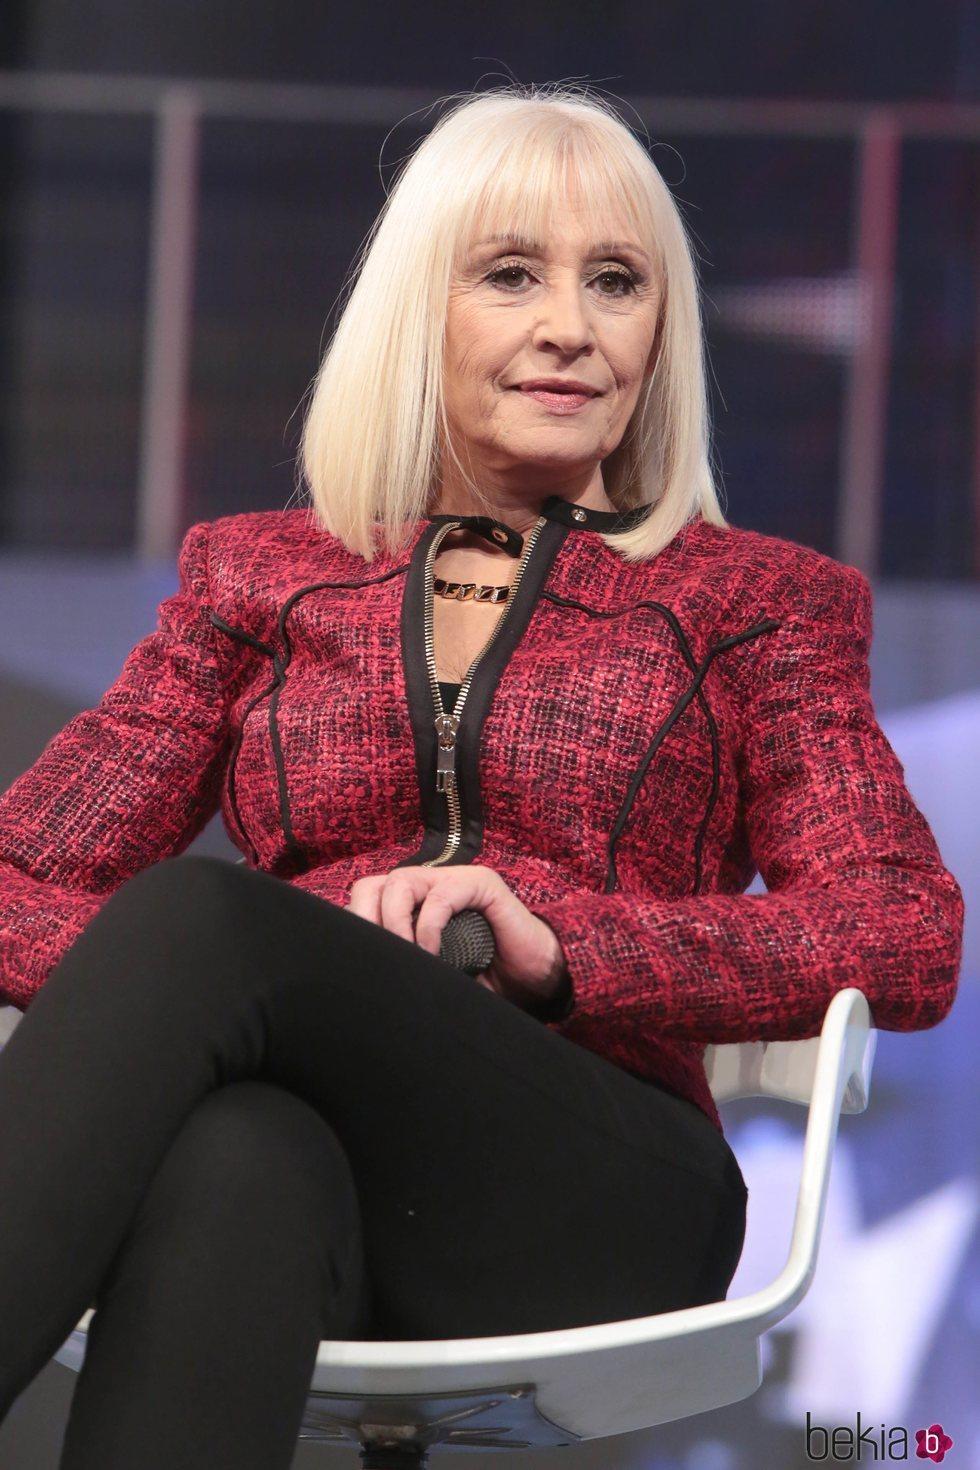 Raffaella Carrà presentando 'Forte, Forte, Forte' en la televisión italiana